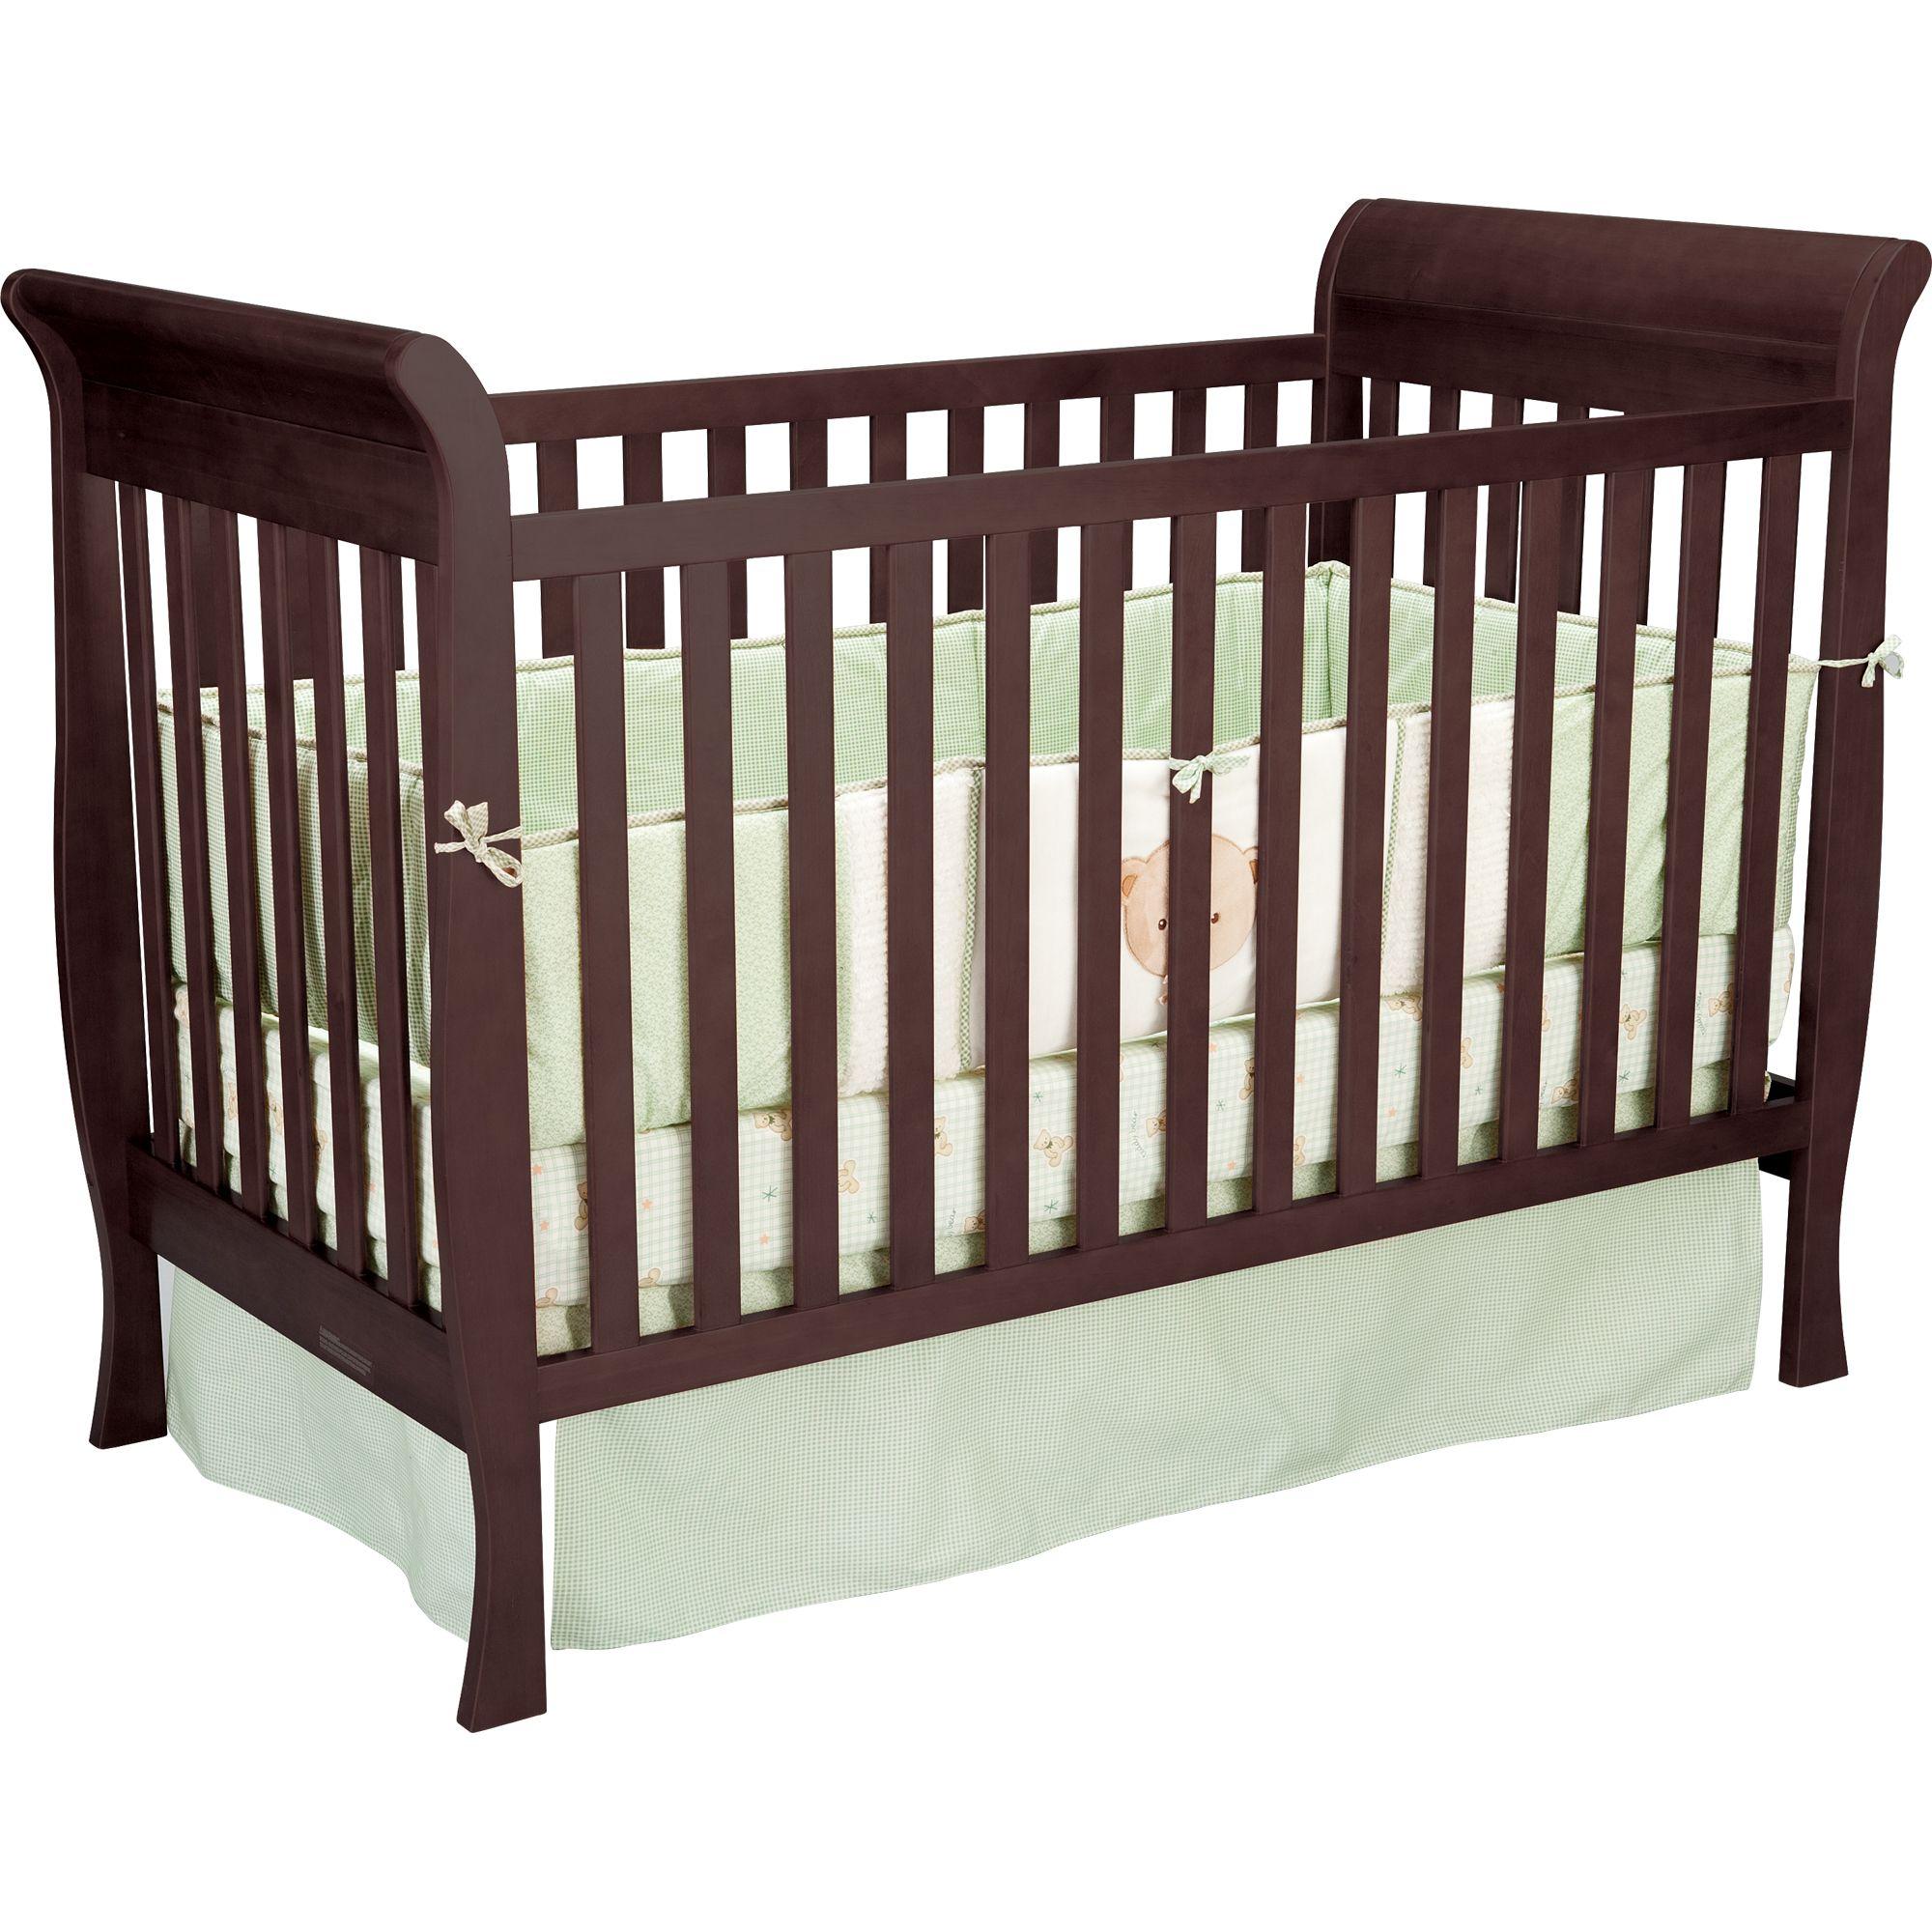 baby beds buy online, pickup in store EXJWKQT